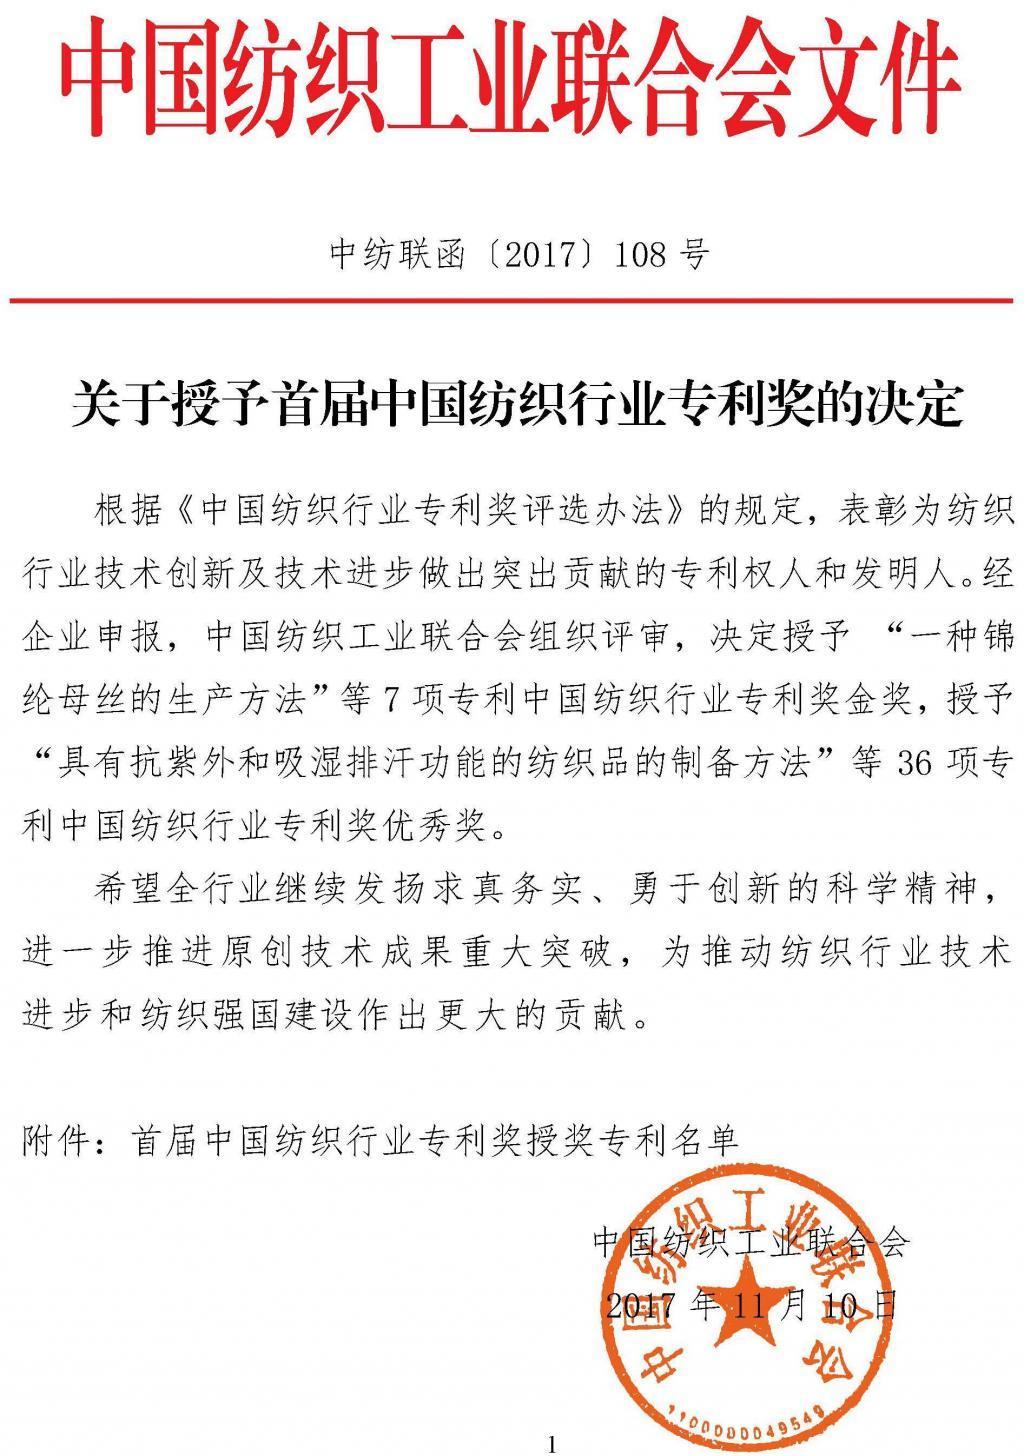 中纺联关于授予首届中国立即博行业专利奖的决定